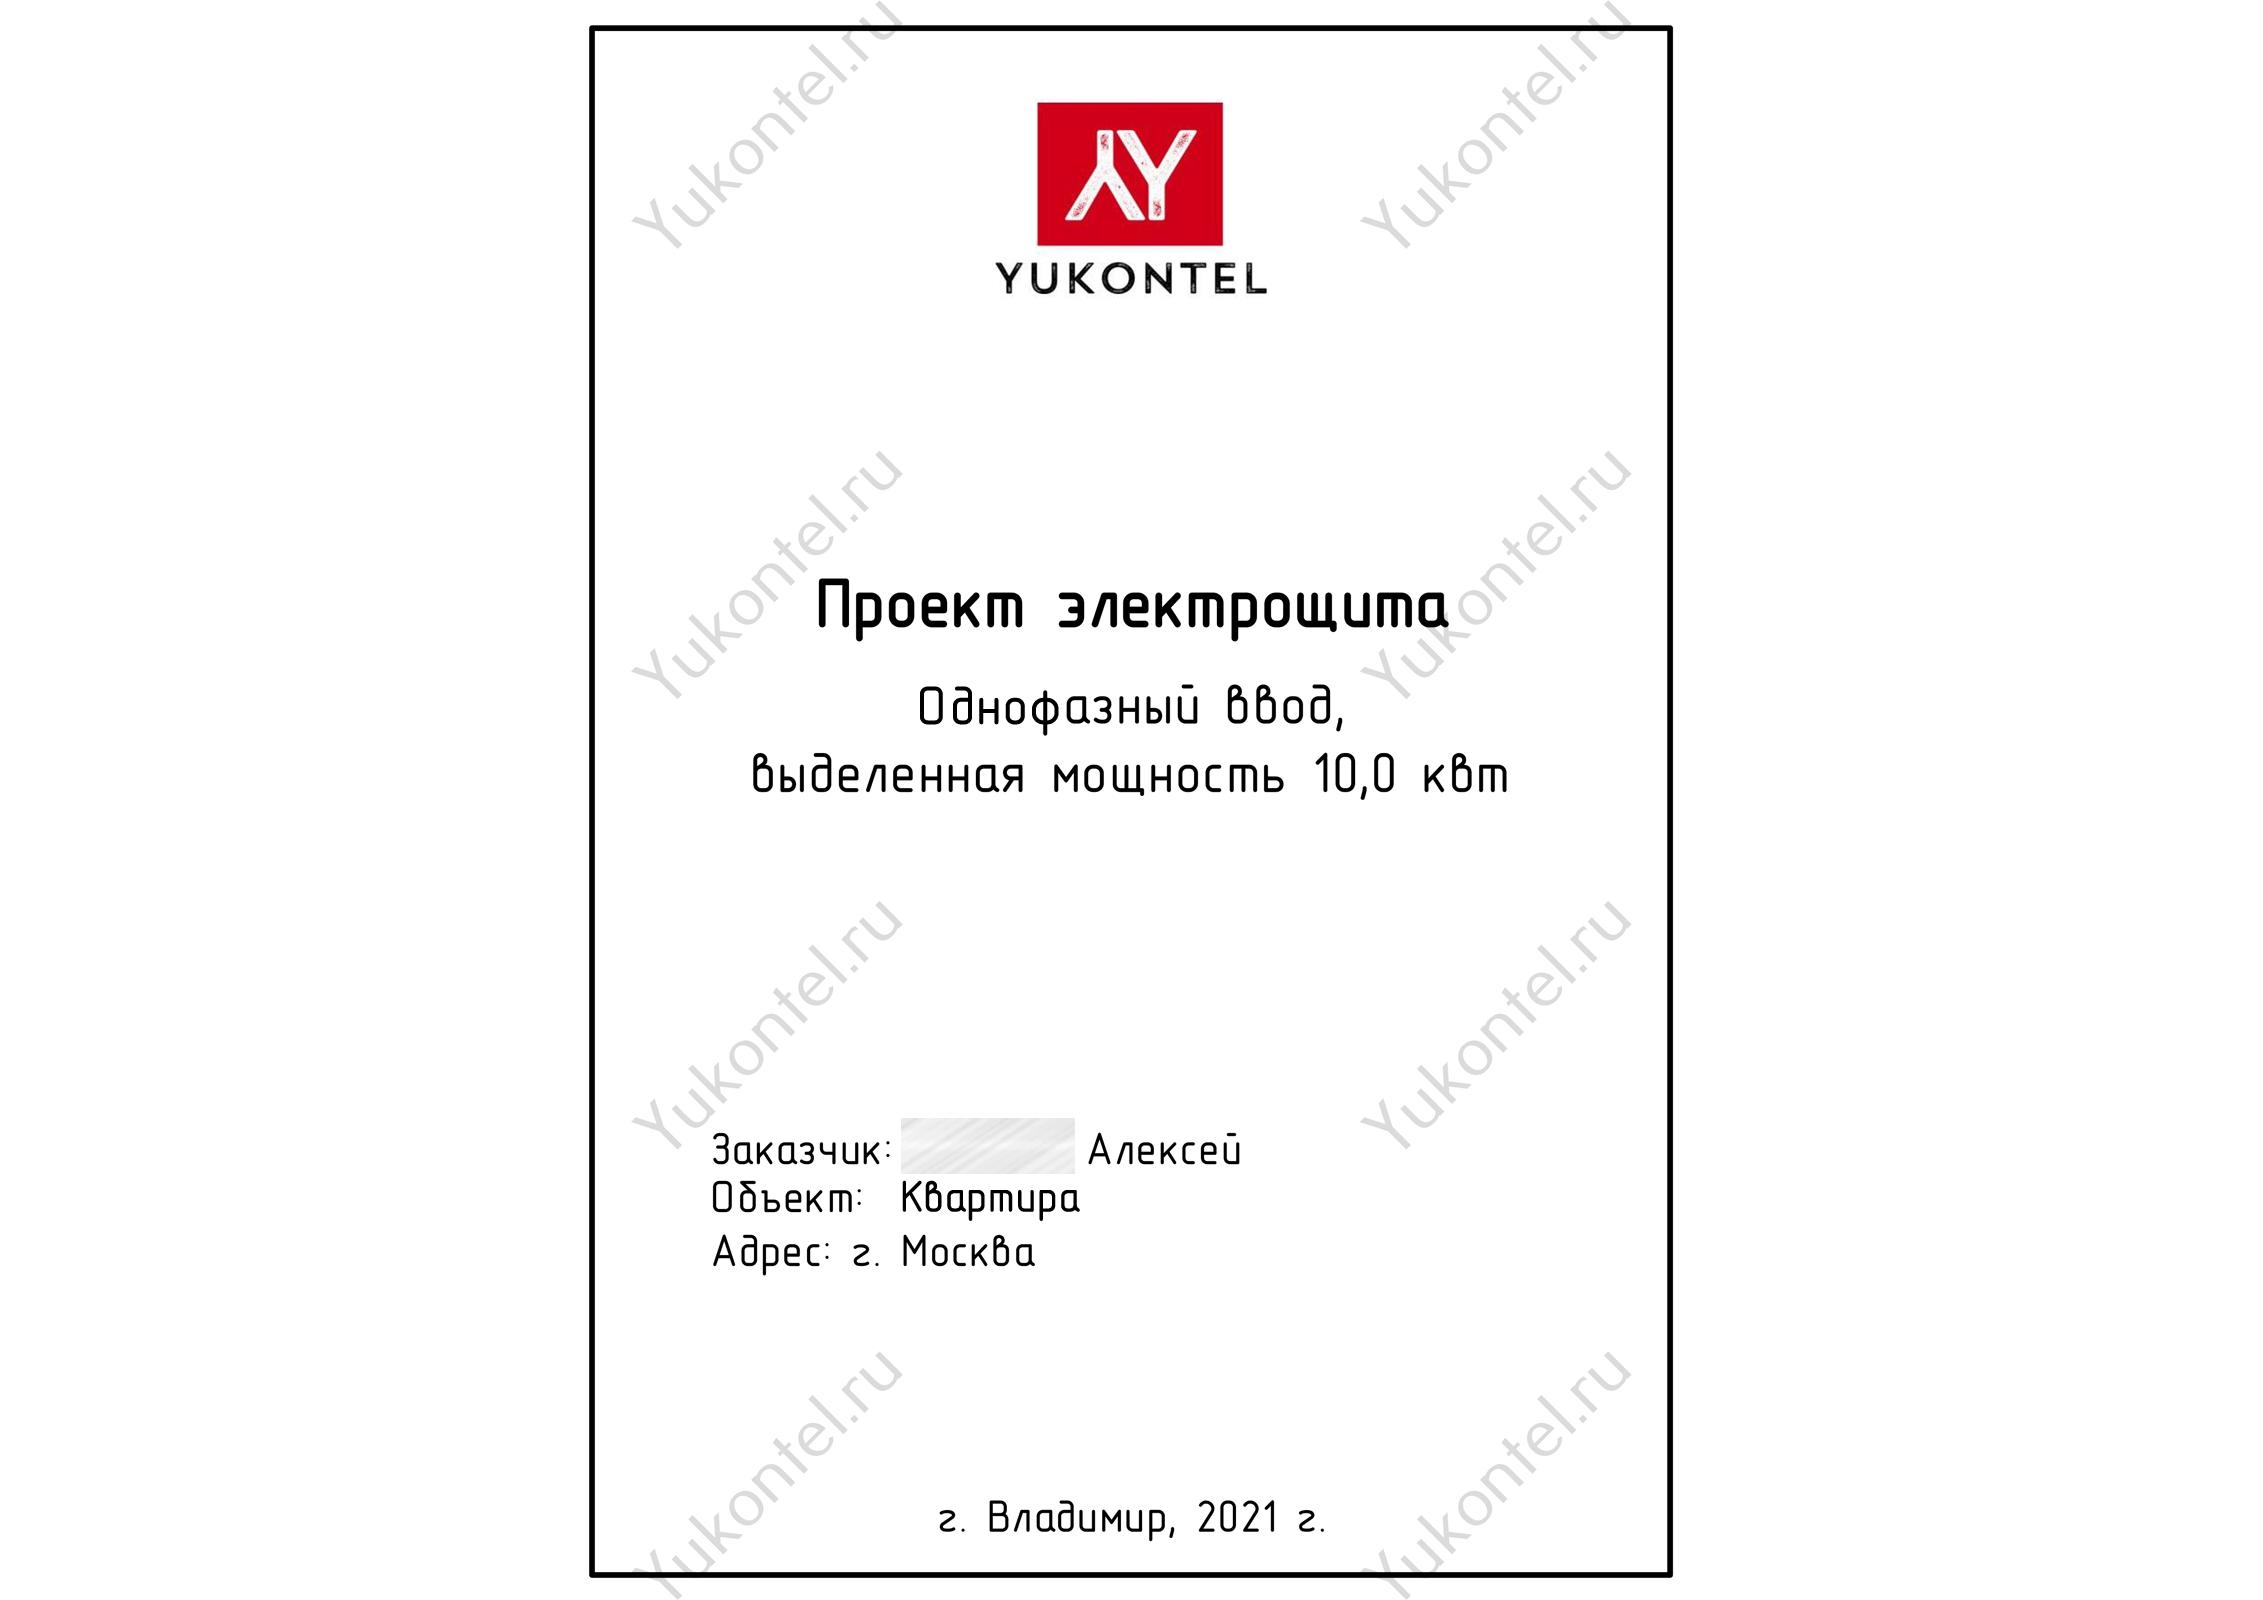 проект электрощита квартира москва юконтел